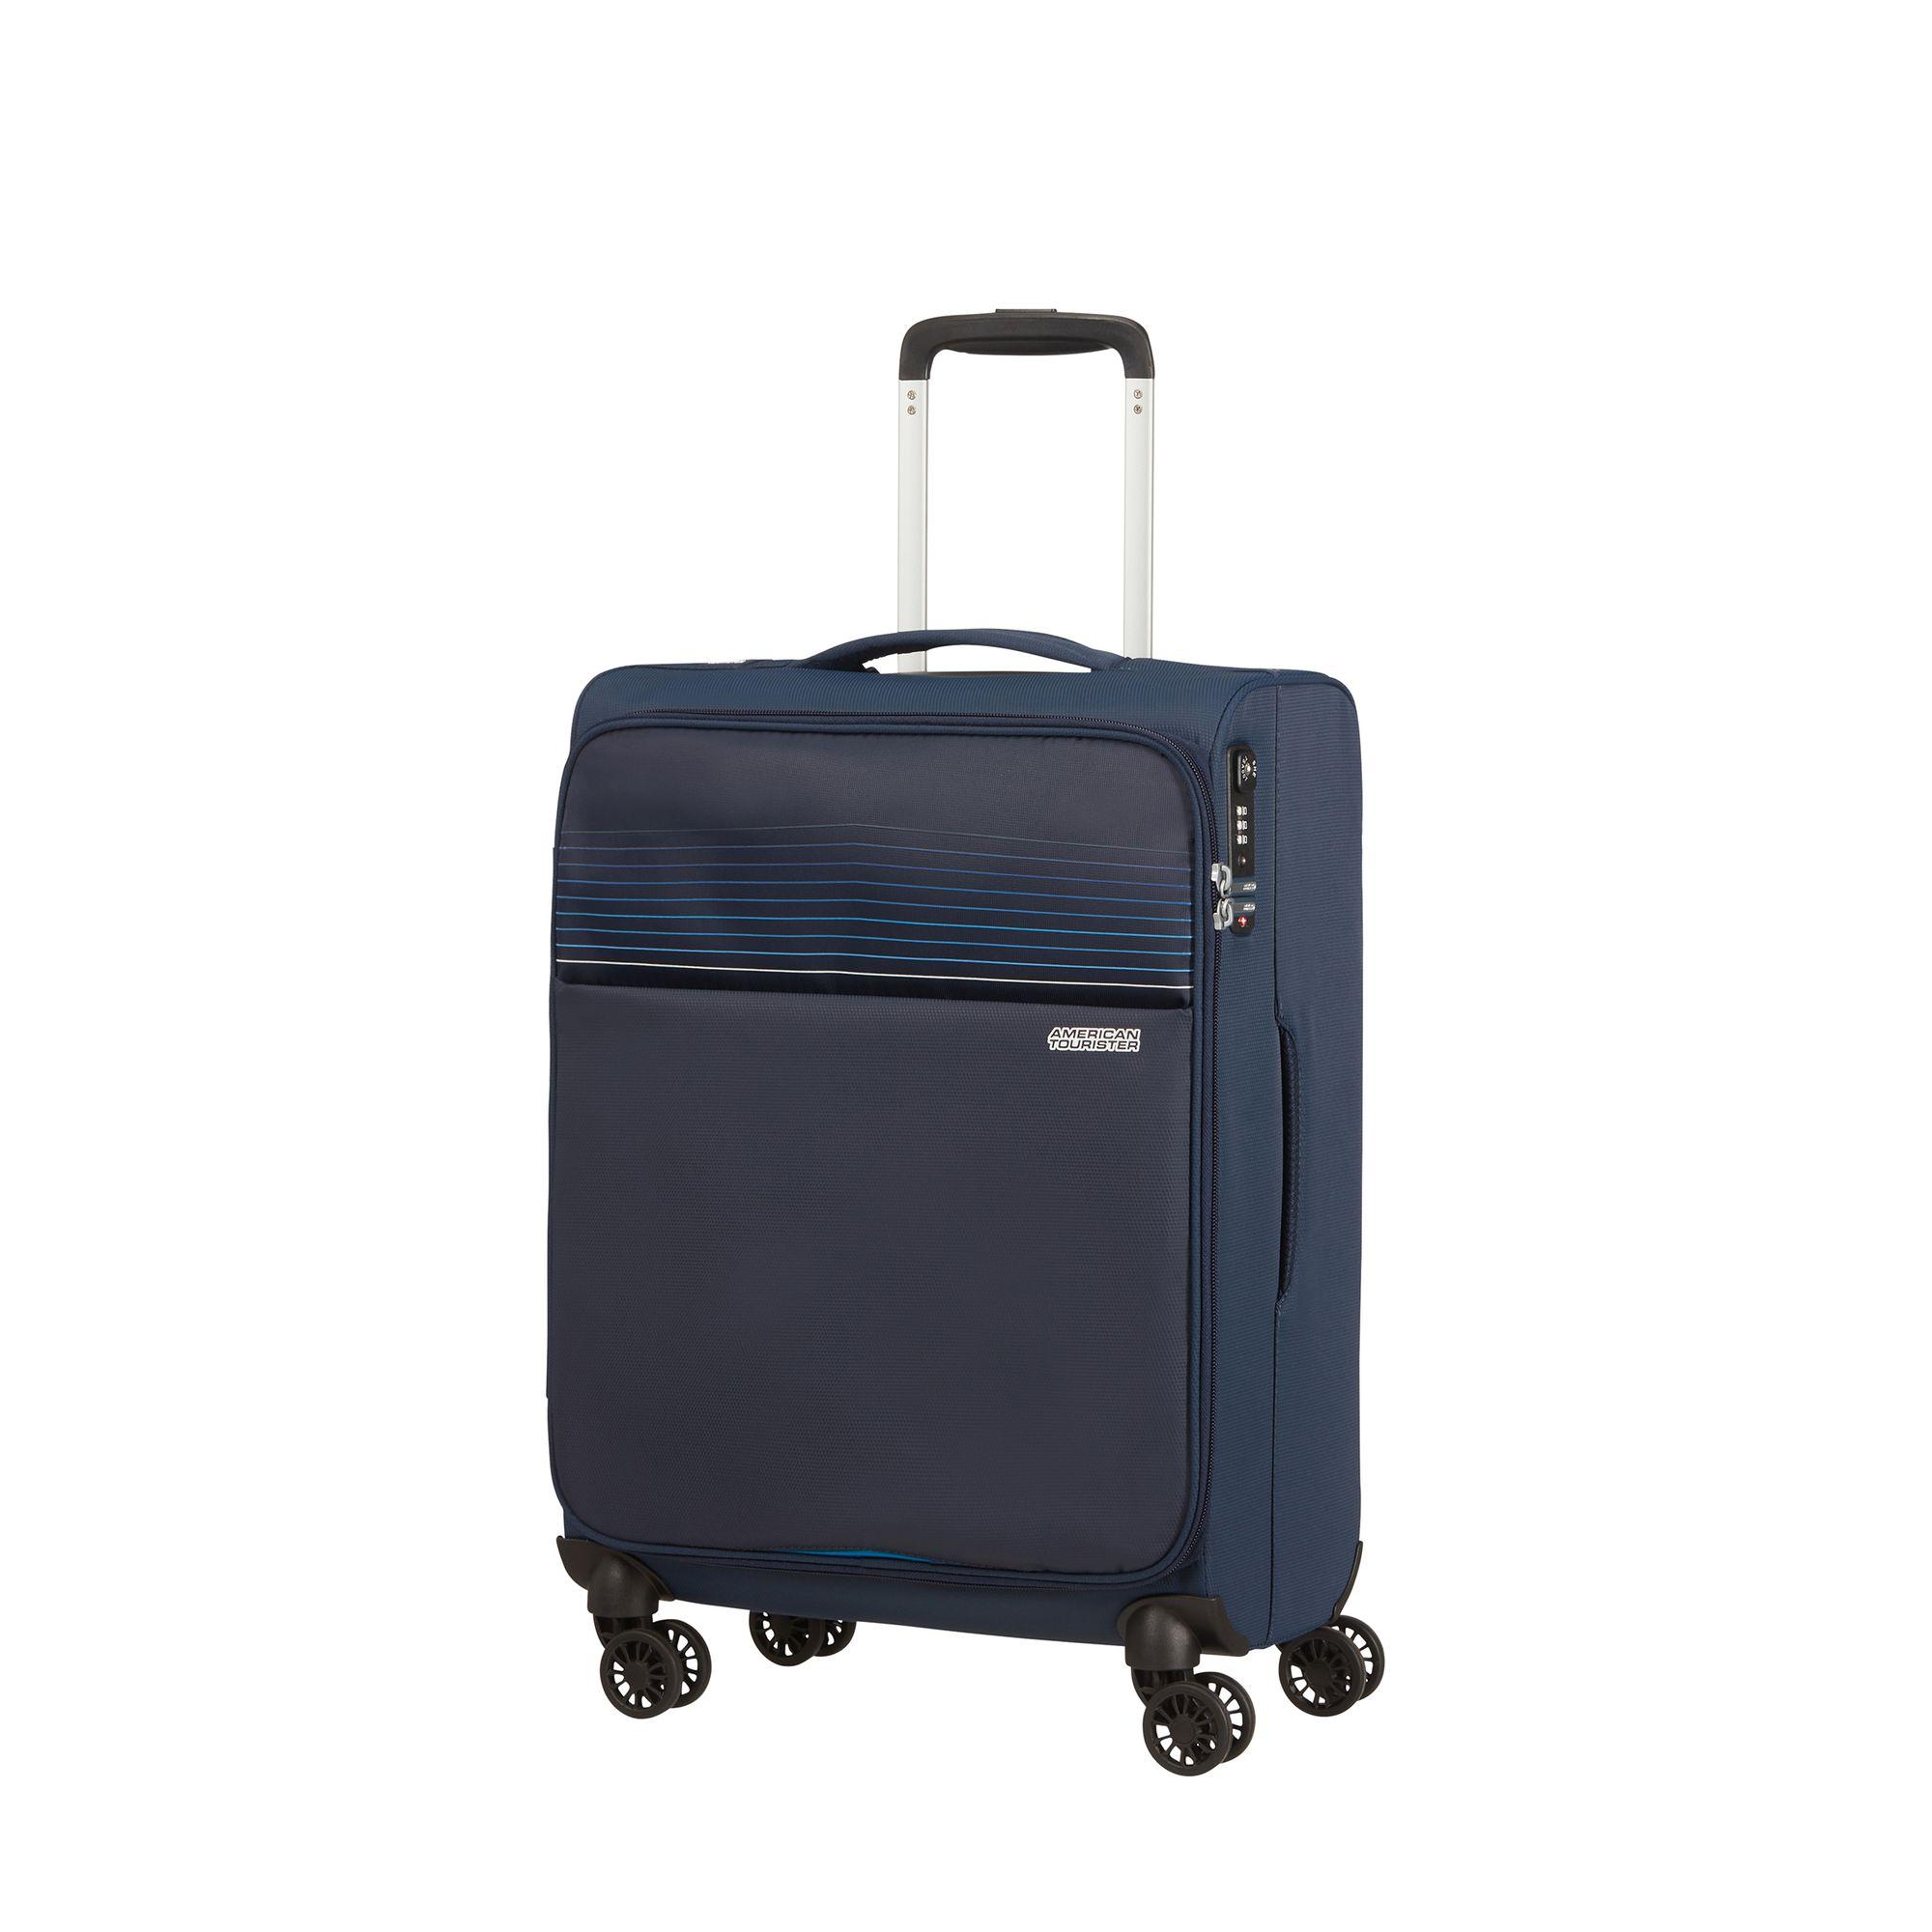 American Tourister Lite Ray kabinväska med 4 hjul, 55 cm, Mörkblå